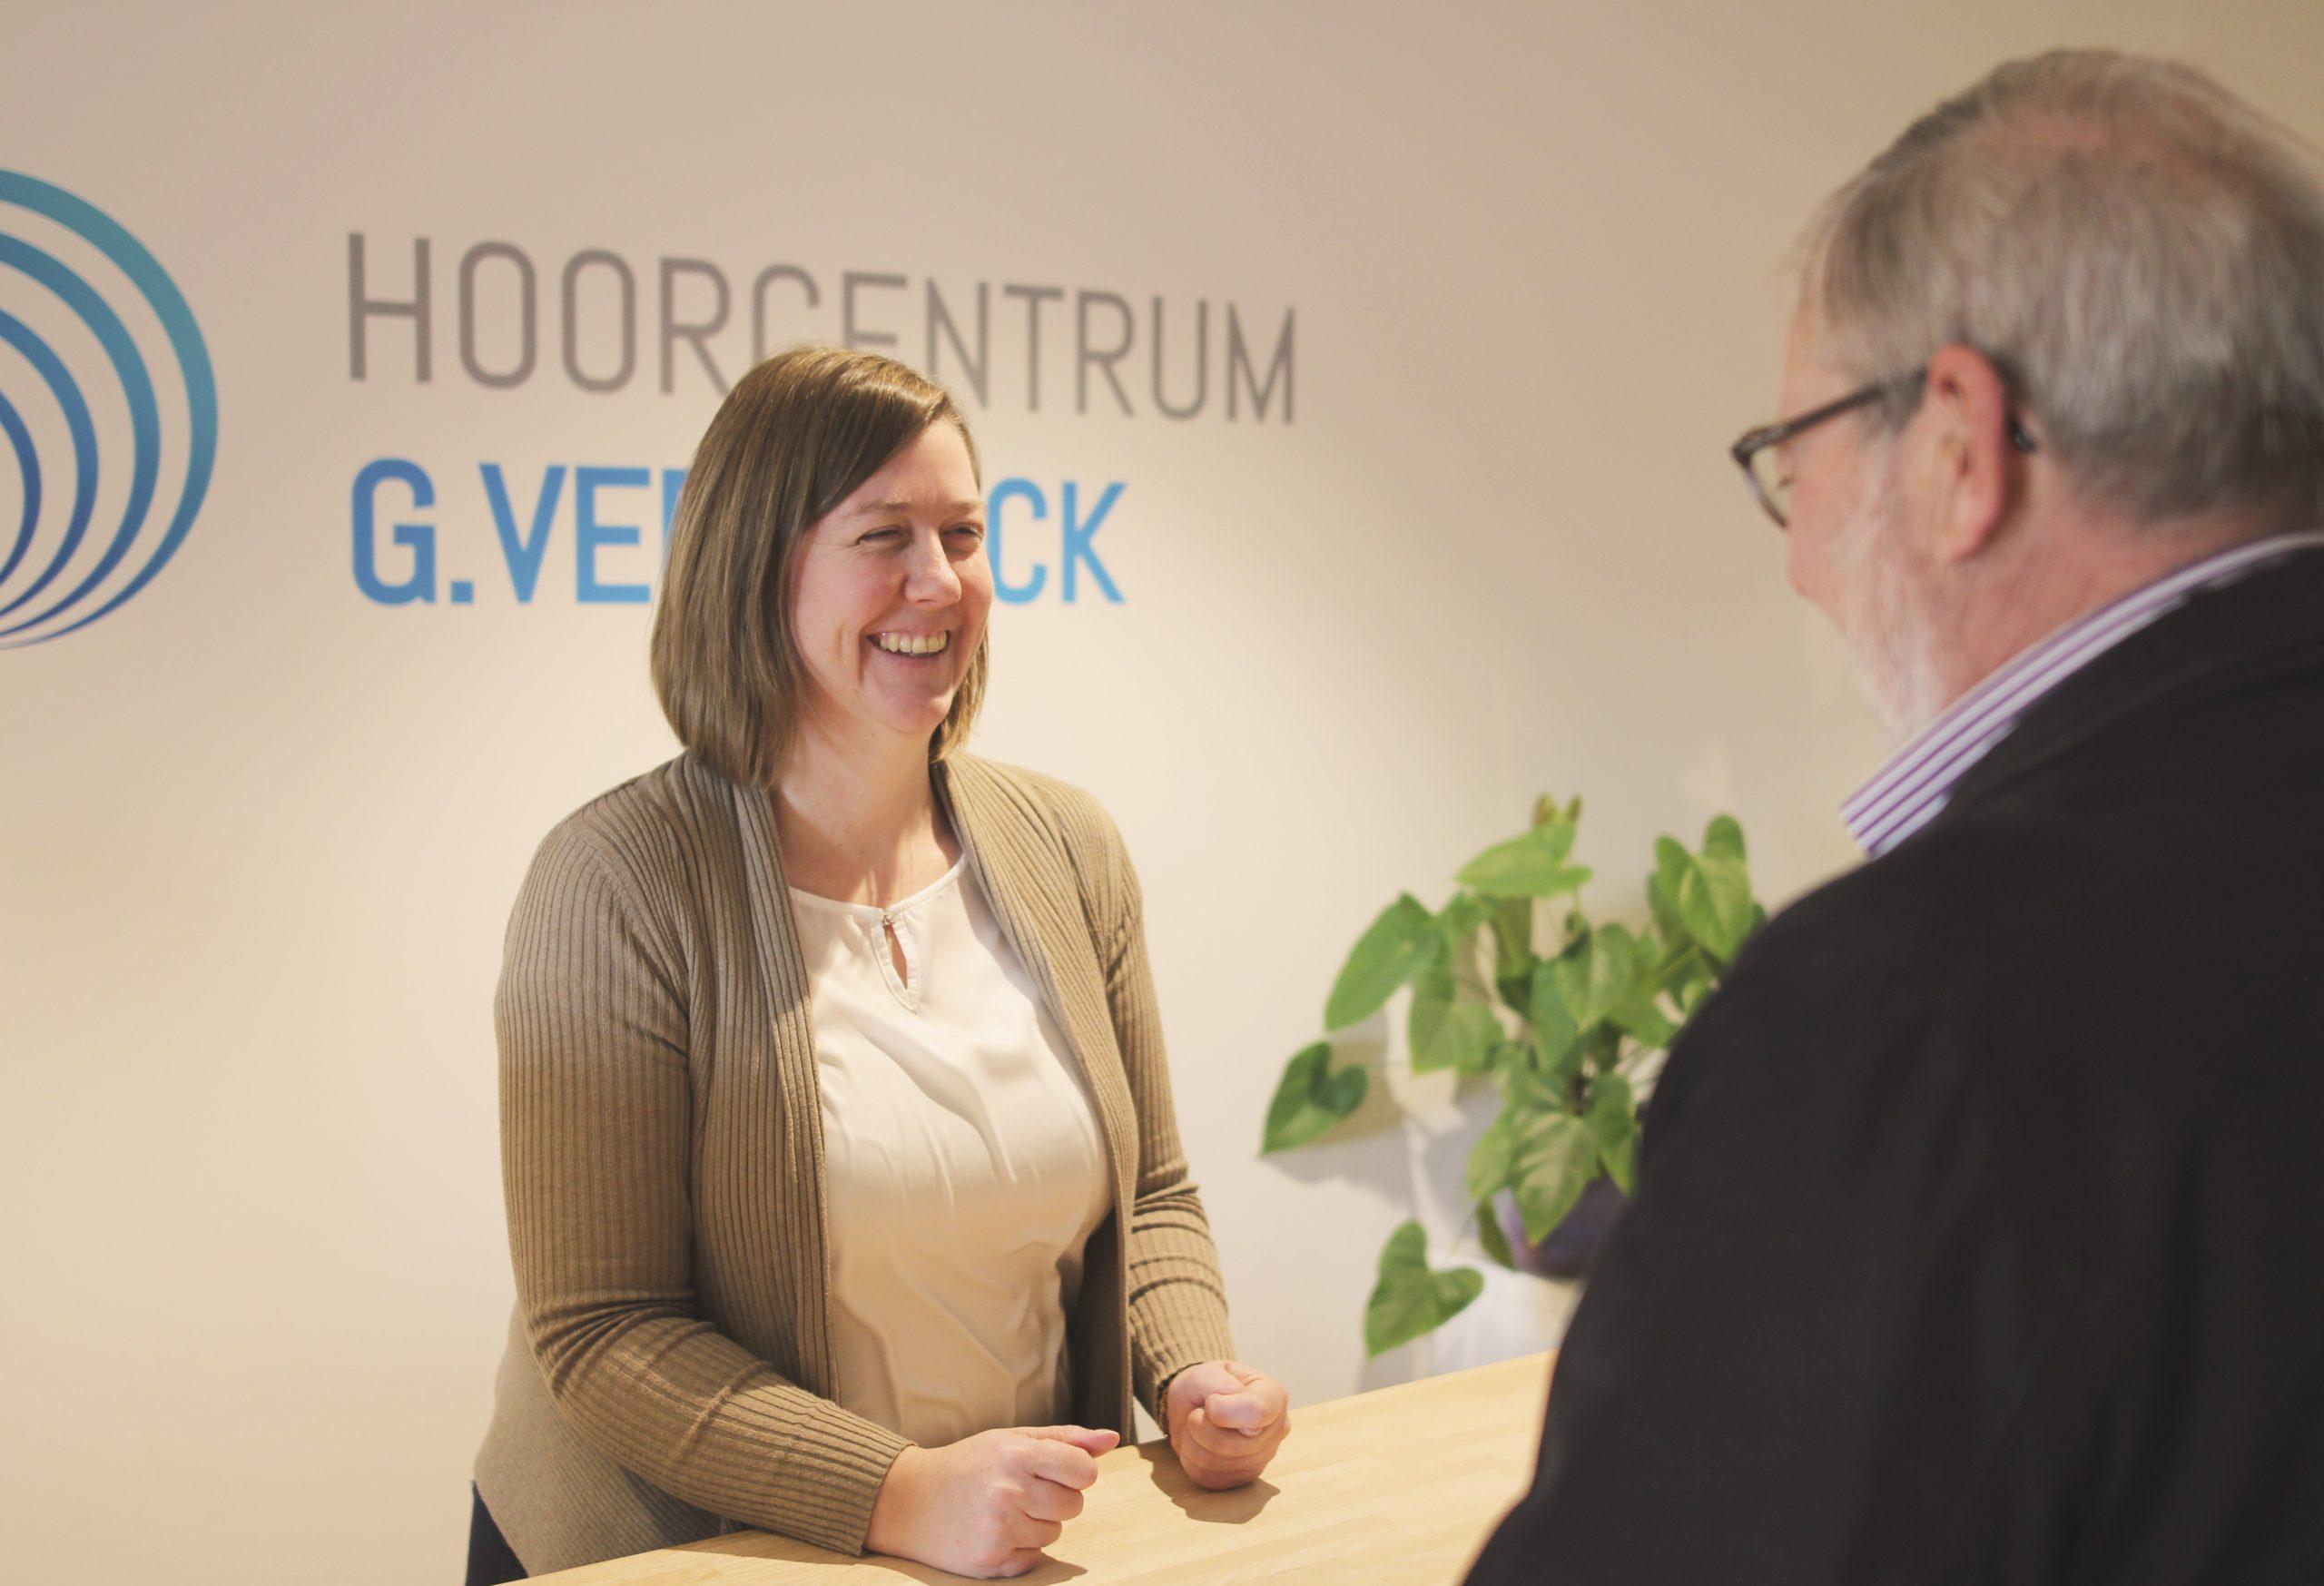 Gwen Verbeeck